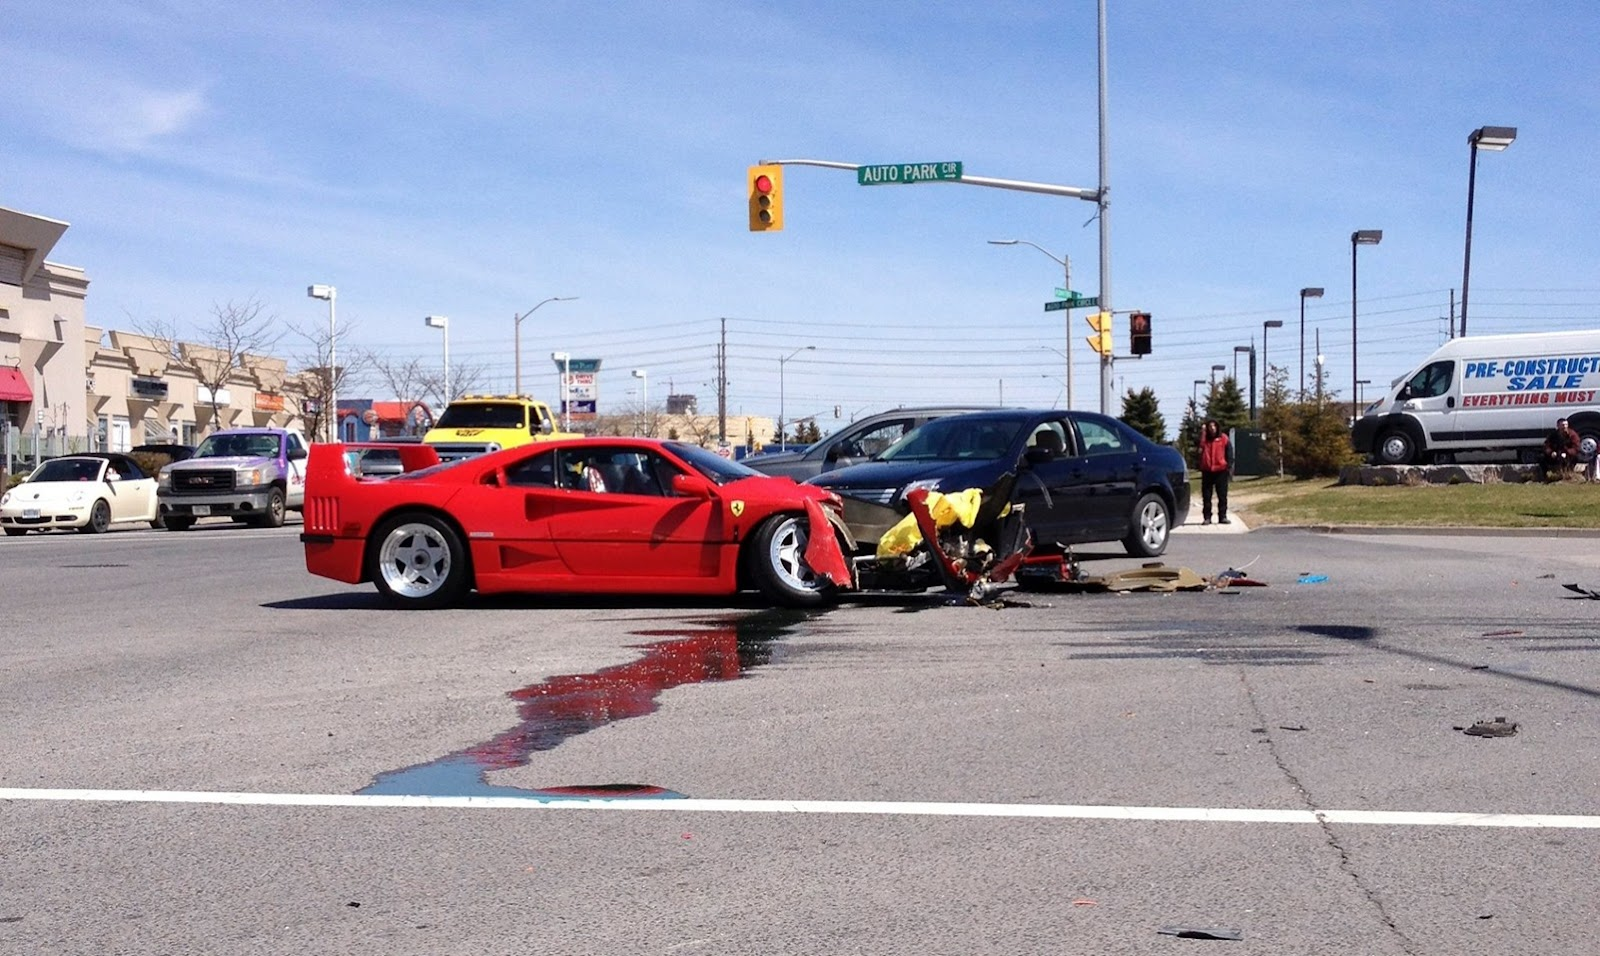 http://lh5.ggpht.com/-ZkDMENcqsvI/U17ICxPXlaI/AAAAAAAQ6ss/JqU-BOxr774/s1600/Ferrari-F40-2%25255B3%25255D.jpg